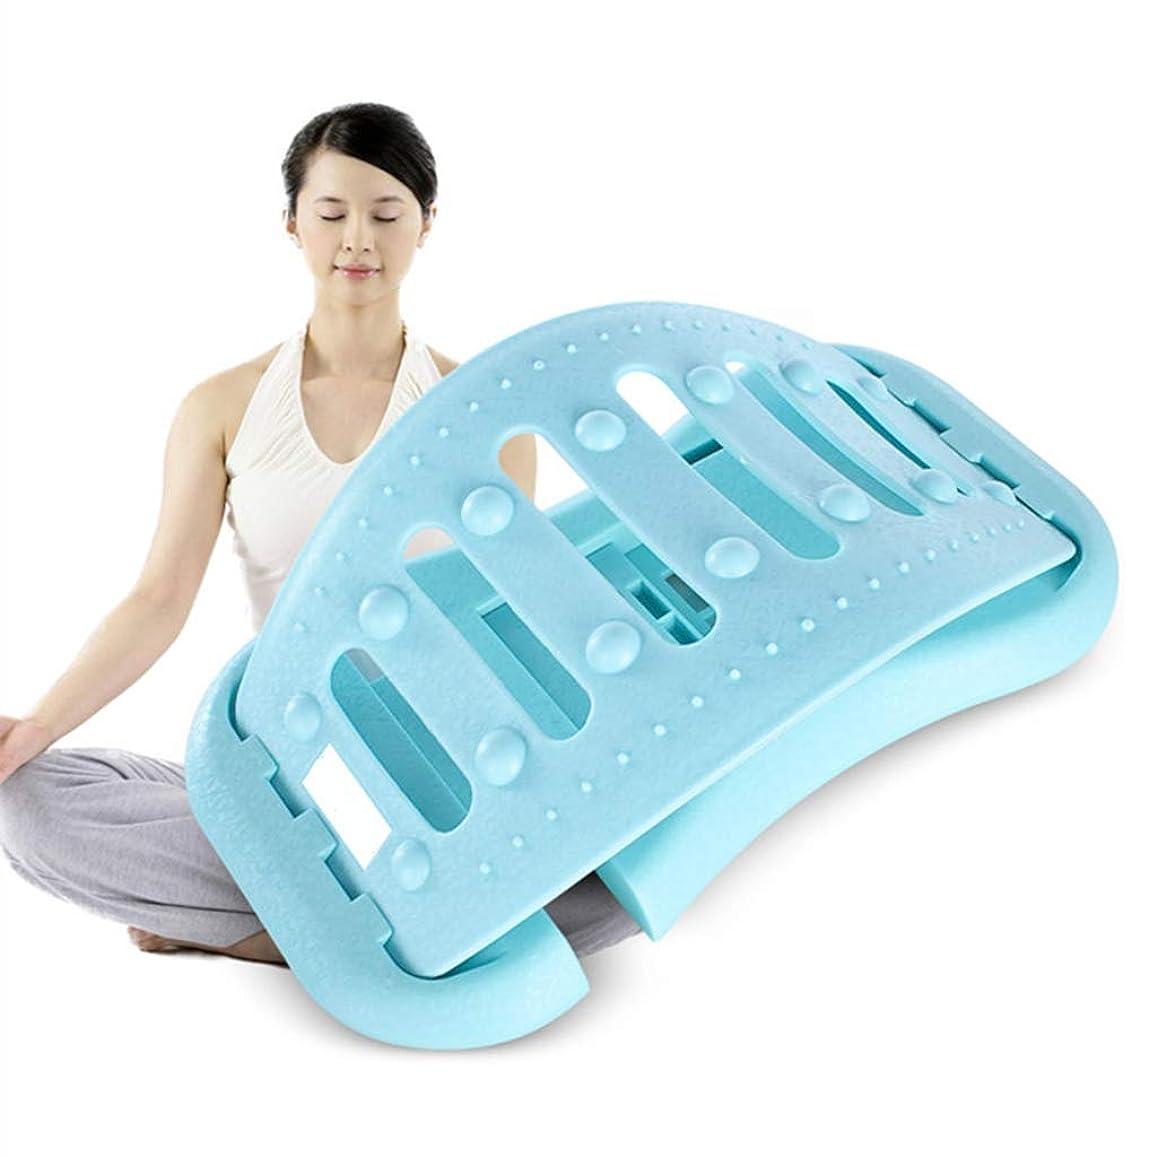 スチュワーデスブリッジプランター多機能バックマッサージャーストレッチャーの磁石アーチマジックランバーネックサポートデバイス脊椎リラクゼーションカイロプラクティック痛み緩和